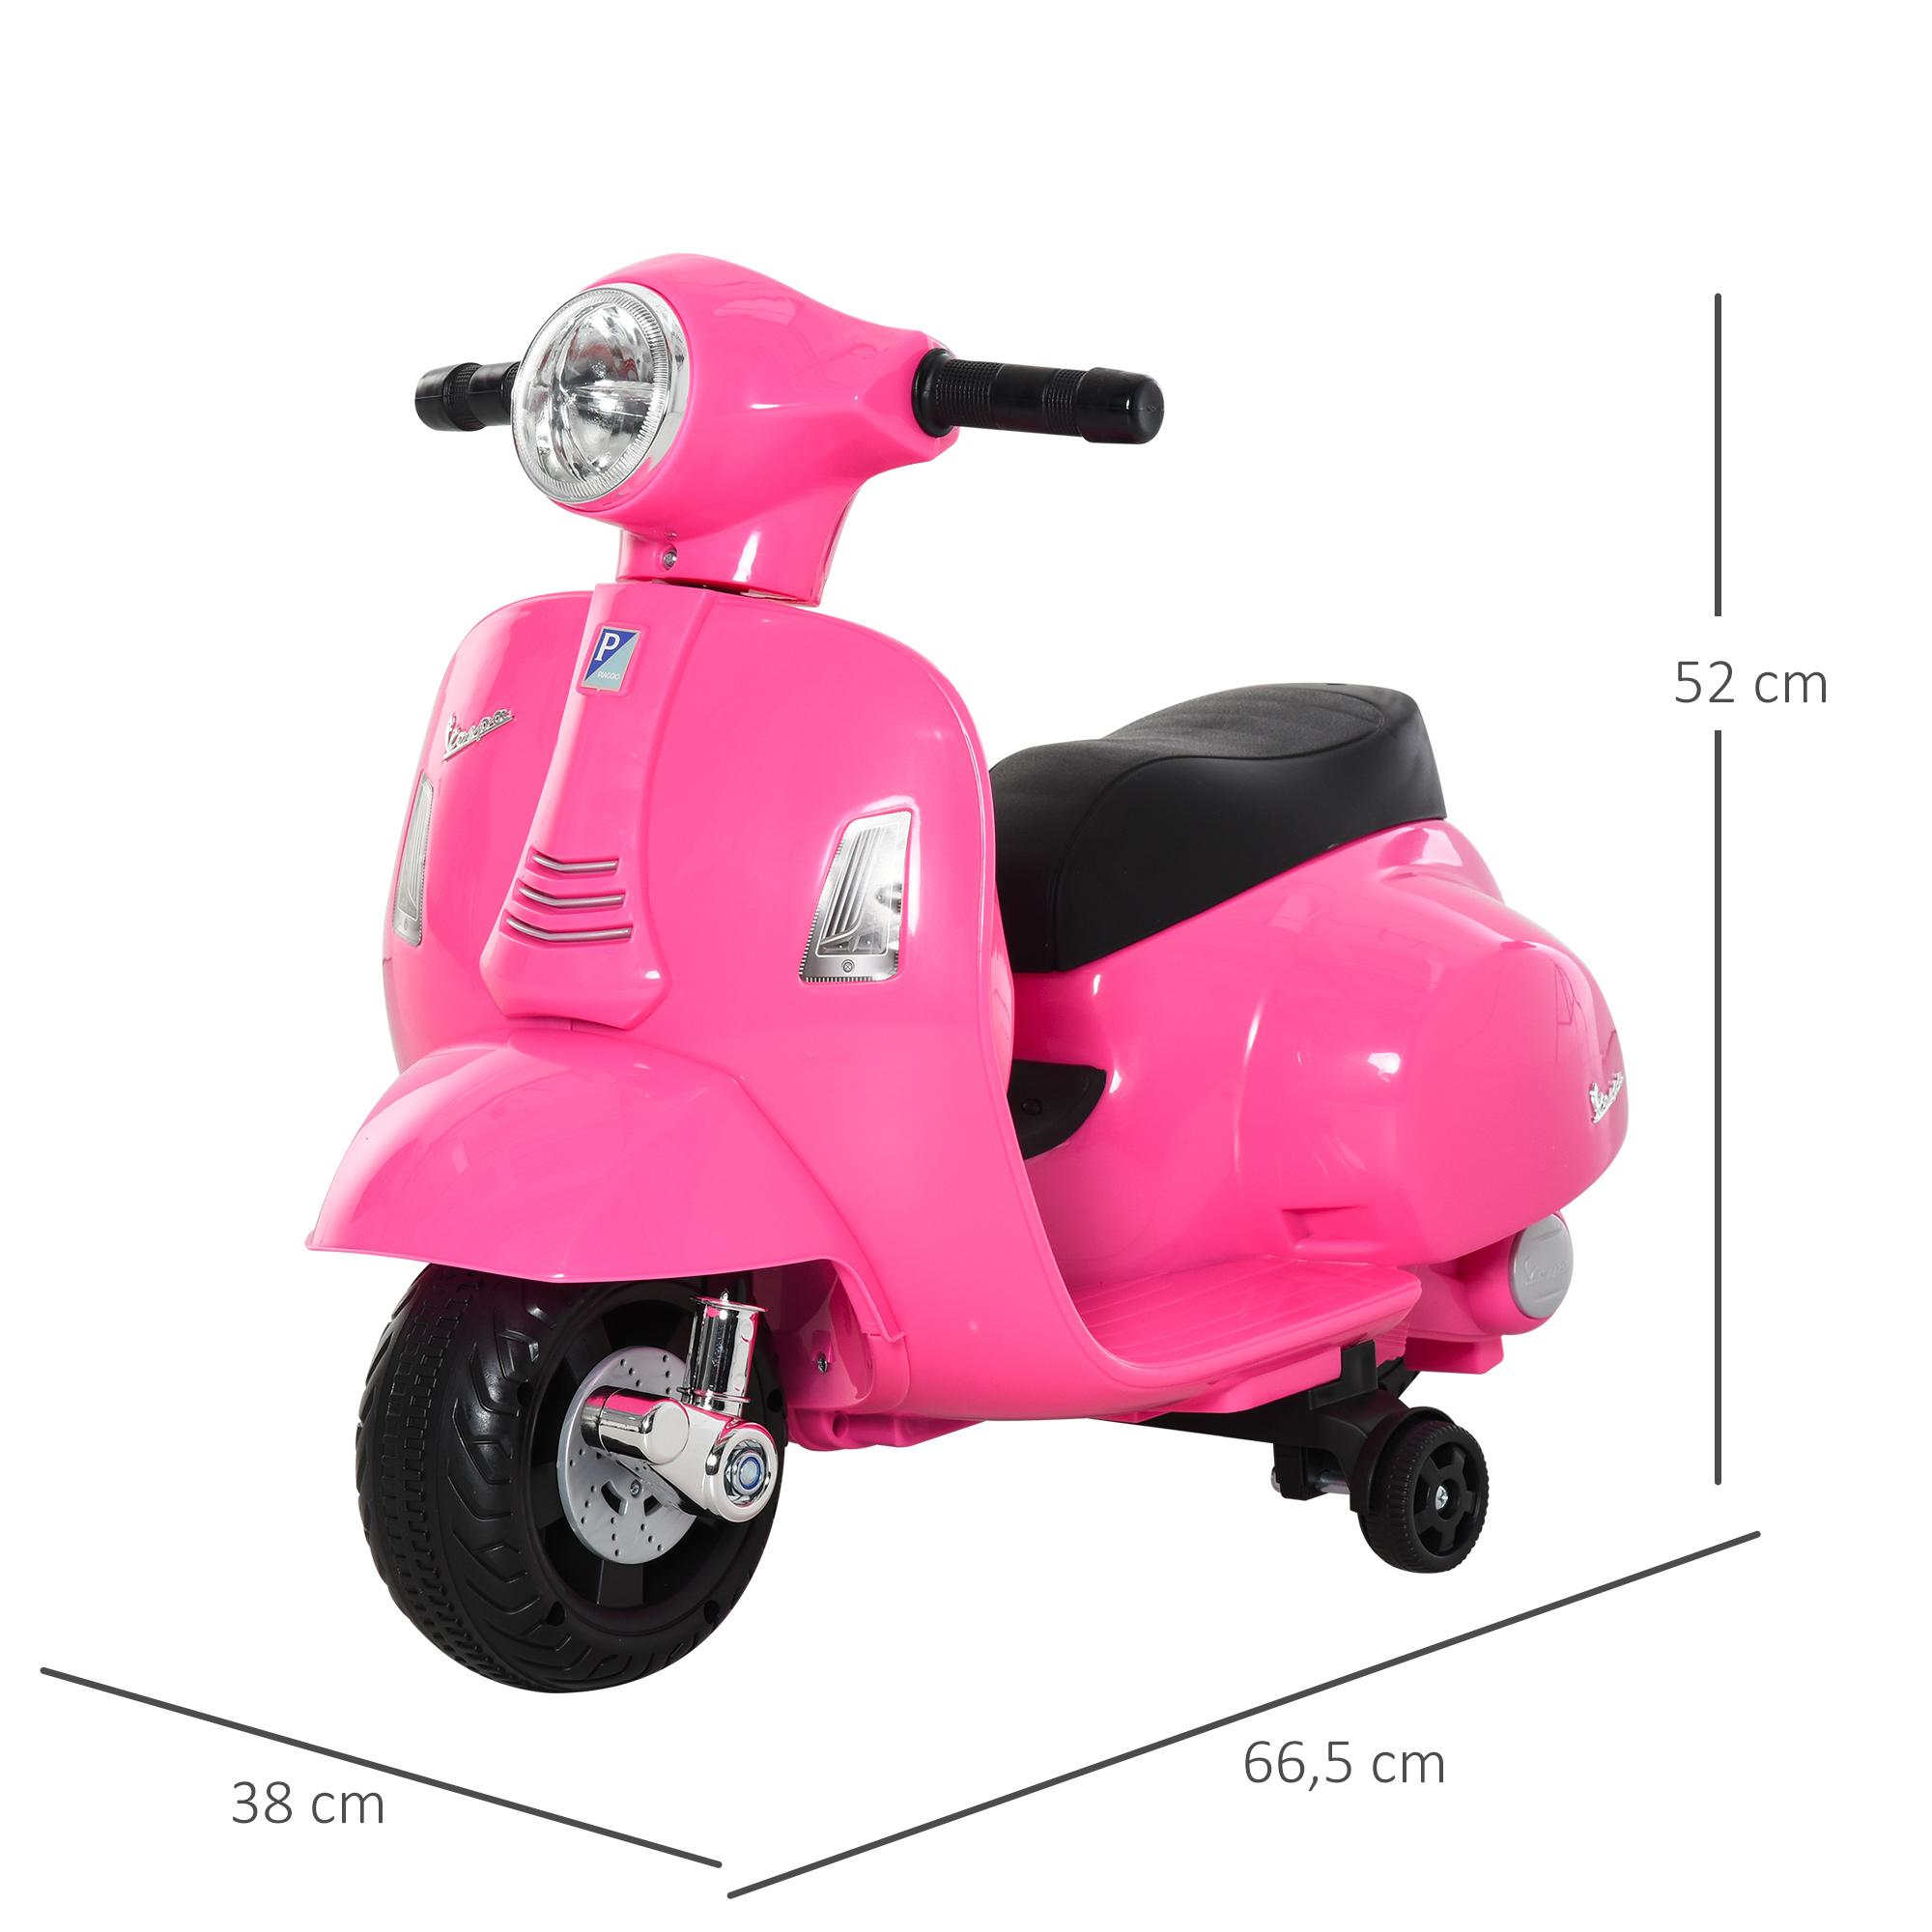 miniatura 14 - Moto Eléctrica Vespa para Niños +18 Meses con Faro Bocina y 4 Ruedas COLOR